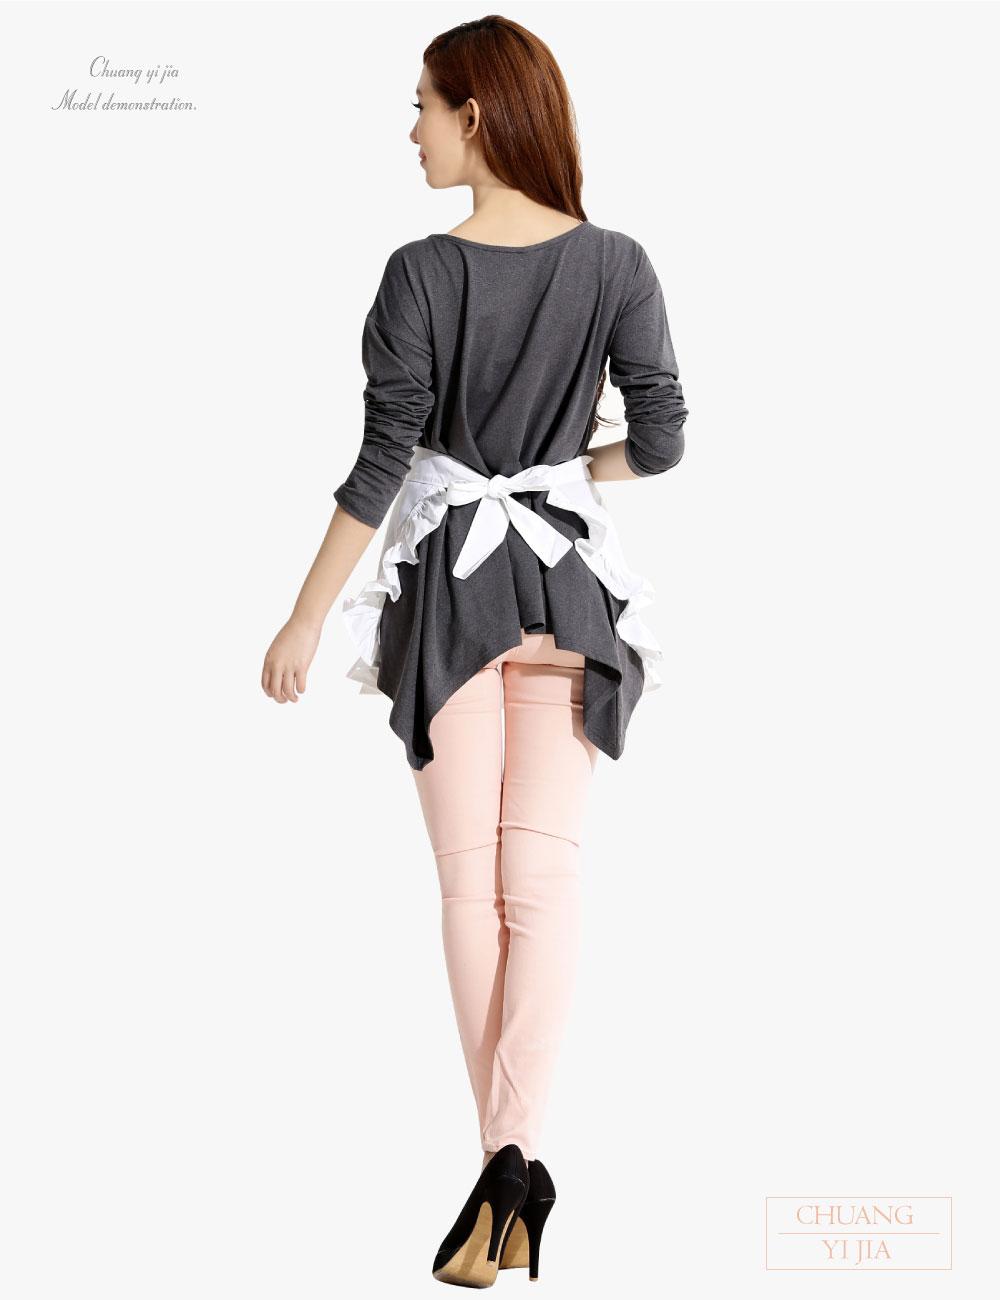 荷葉邊圍裙半截,專業圍裙,廚師圍裙,烘培圍裙,園藝圍裙,防髒圍裙,日式圍裙,半截圍裙,圍裙訂製,職人日式圍裙圍